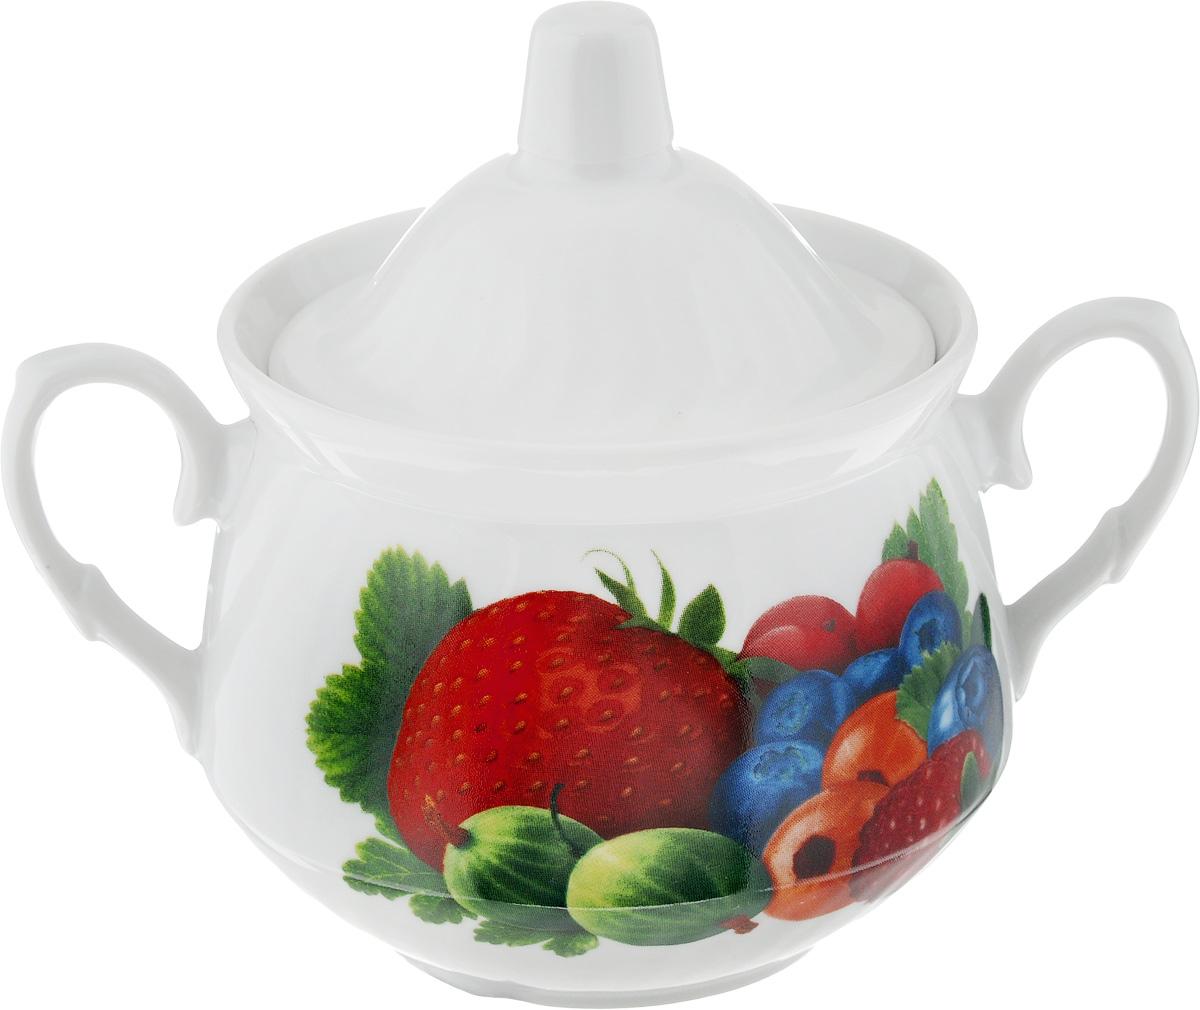 Сахарница Кирмаш. Садовые ягоды, 450 мл2С0521_садовые ягодыВеликолепная сахарница Кирмаш. Садовые ягоды, выполненная из высококачественного фарфора, оснащена крышкой и 2 ручками по бокам. Изделие украшено ярким рисунком. Эксклюзивный дизайн, эстетичность и функциональность сахарницы делают ее незаменимой на любой кухне. Диаметр сахарницы (по верхнему краю): 10 см. Высота сахарницы (без учета крышки): 9 см. Ширина сахарницы (с учетом ручек): 16 см.